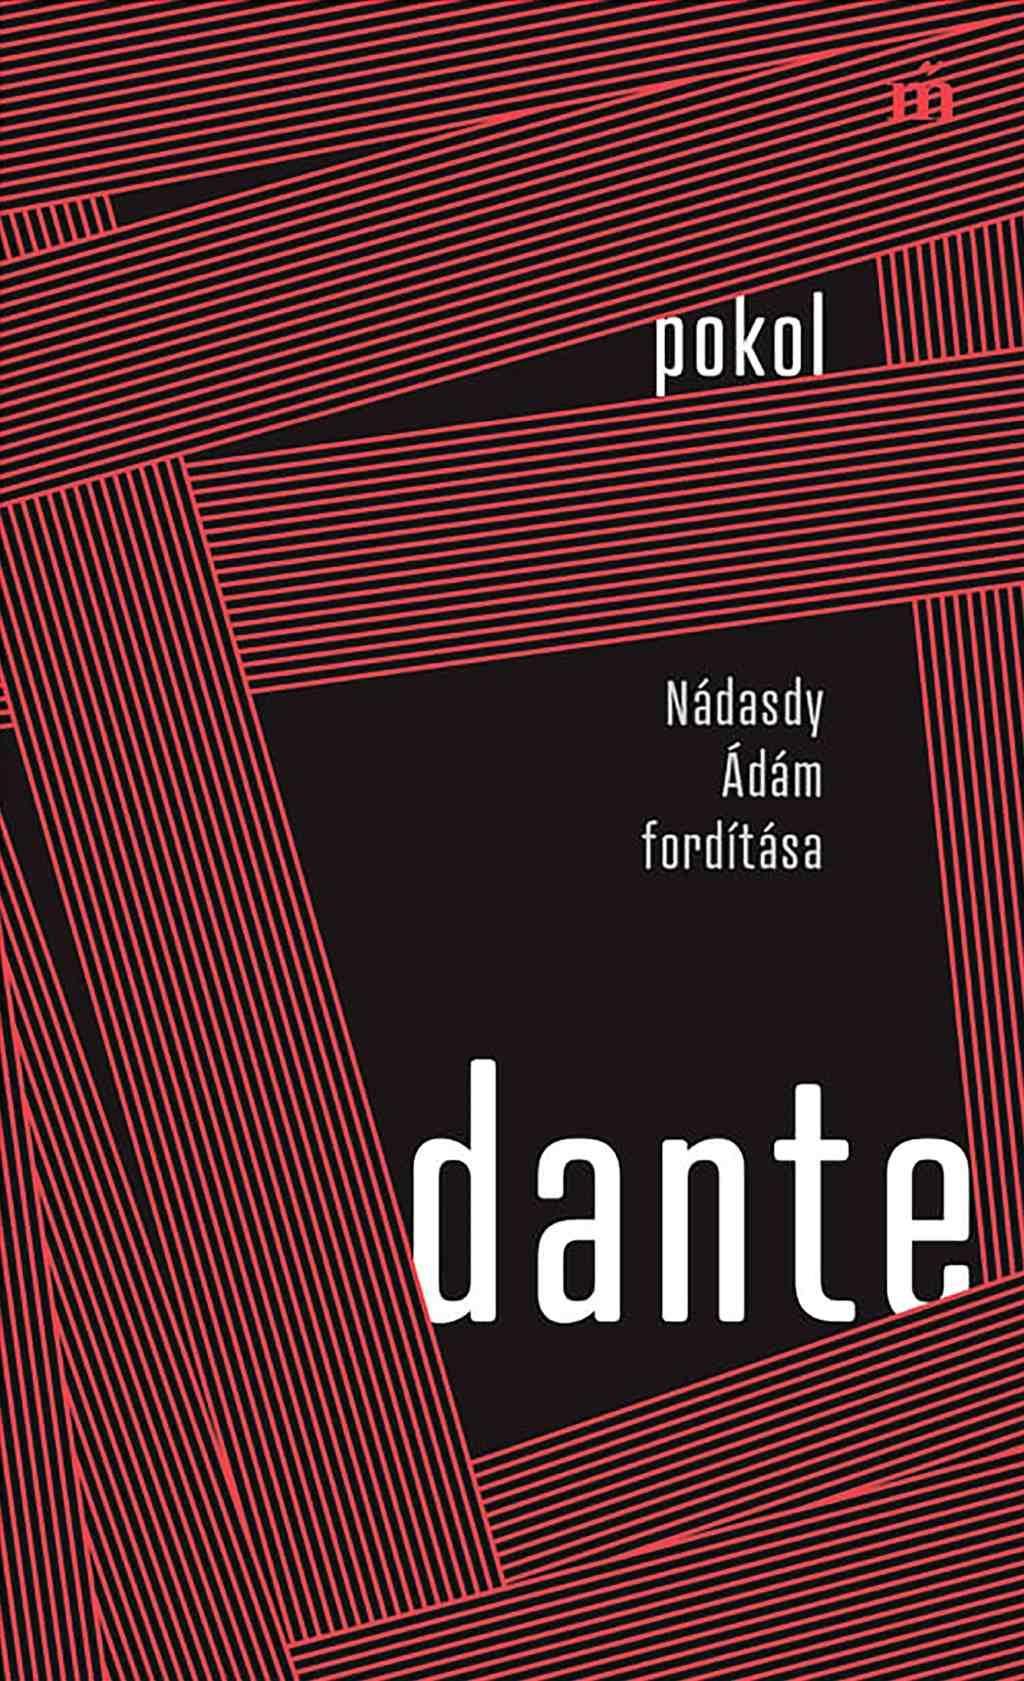 Dante, Alighieri - Pokol - Nádasdy Ádám fordítása